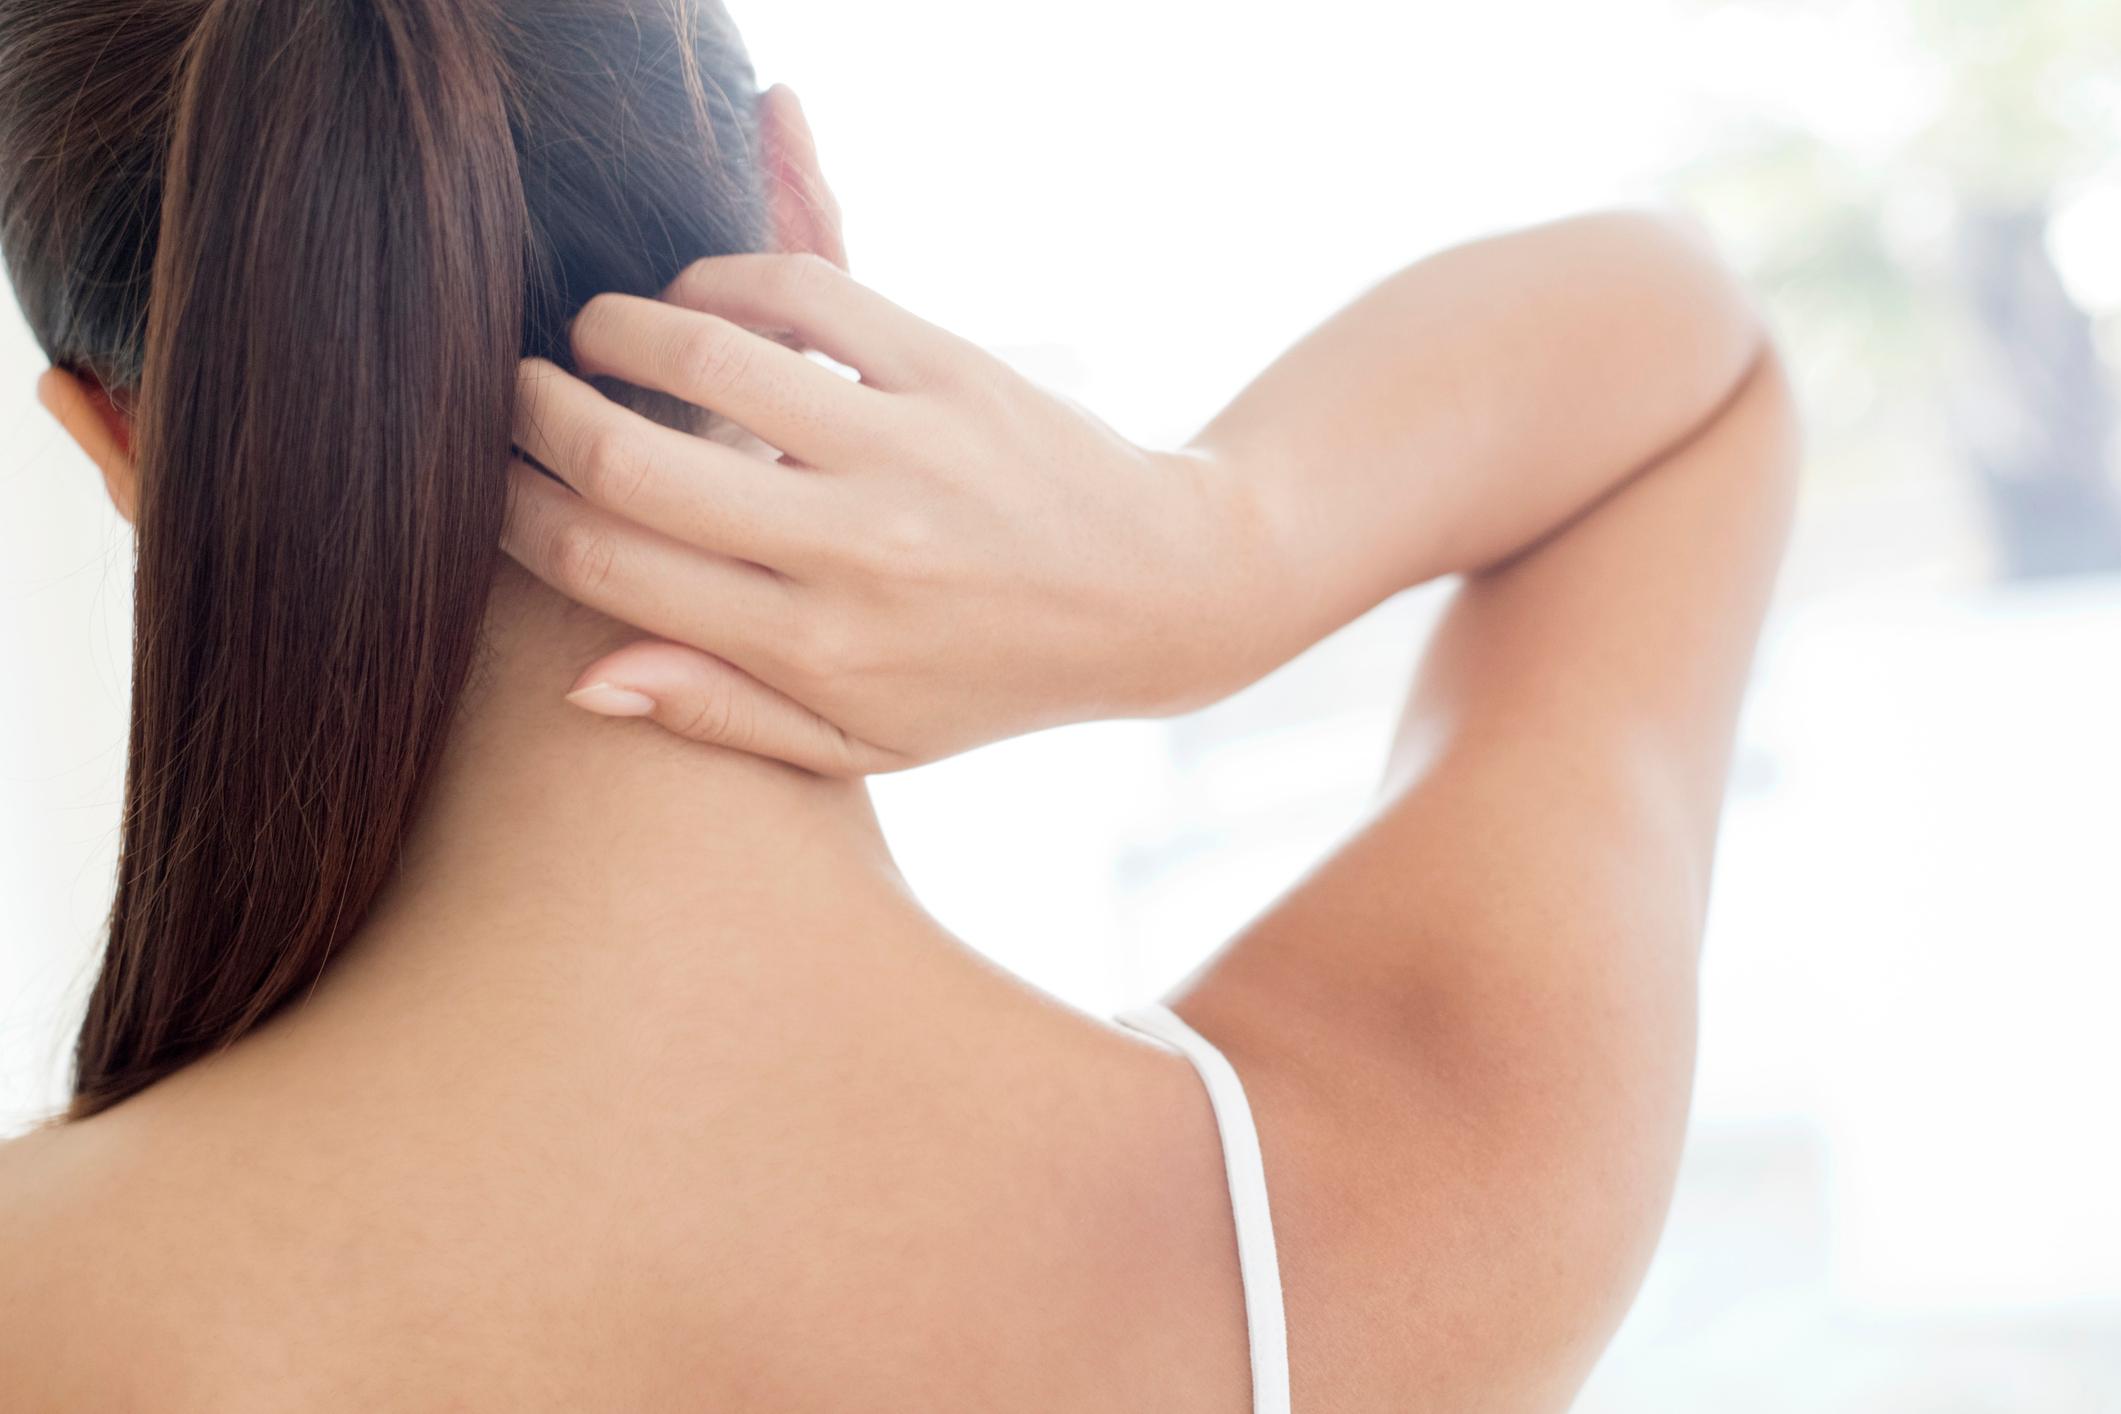 SANDIMMUN NEORAL mg/ml belsőleges oldat (50 ml), Standard válasz reumatikus ízületi fájdalom